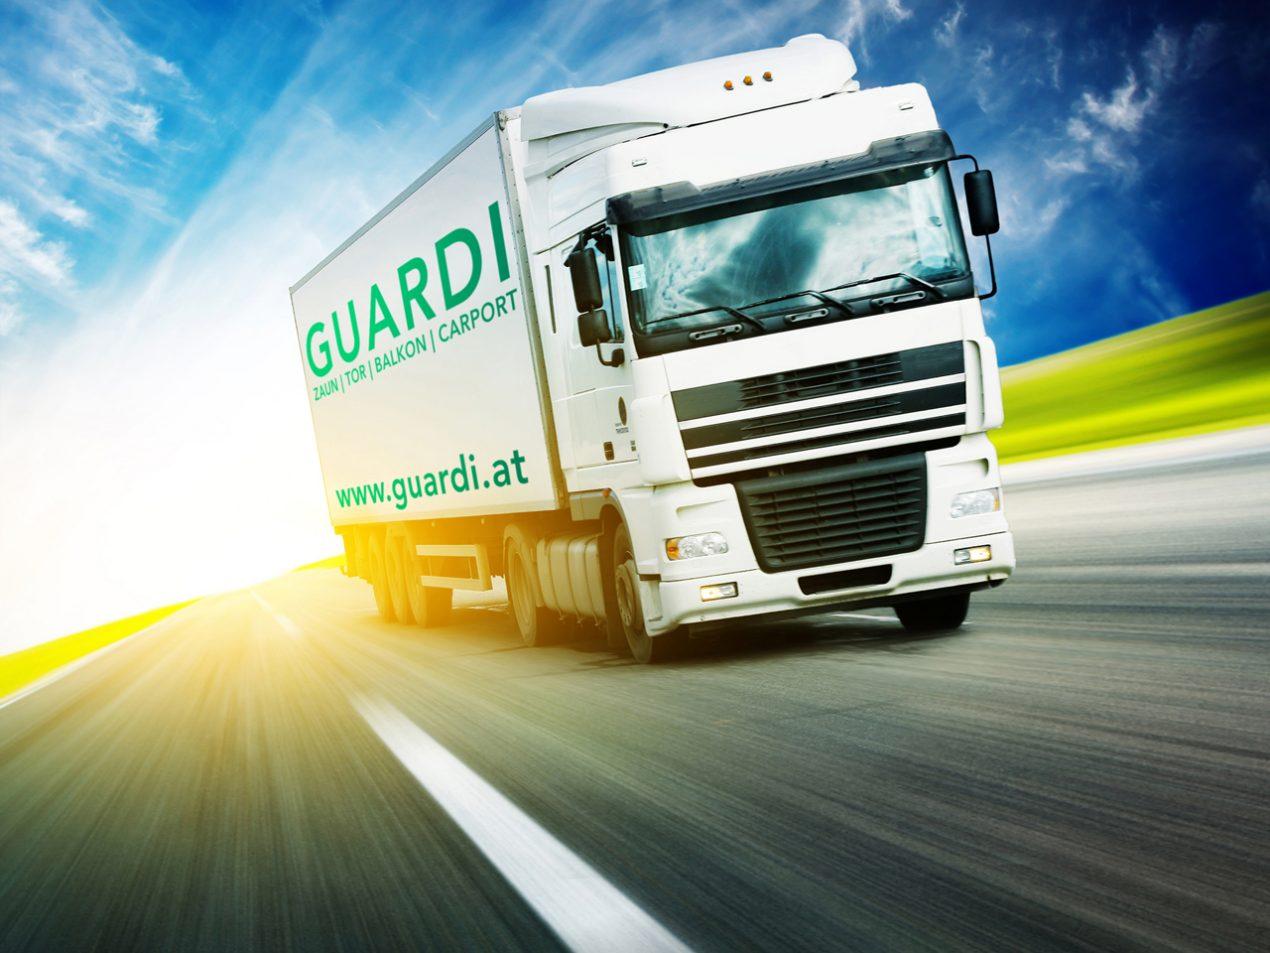 GUARDI Österreich LKW Versand Vertrieb Spedition Lieferung schnell